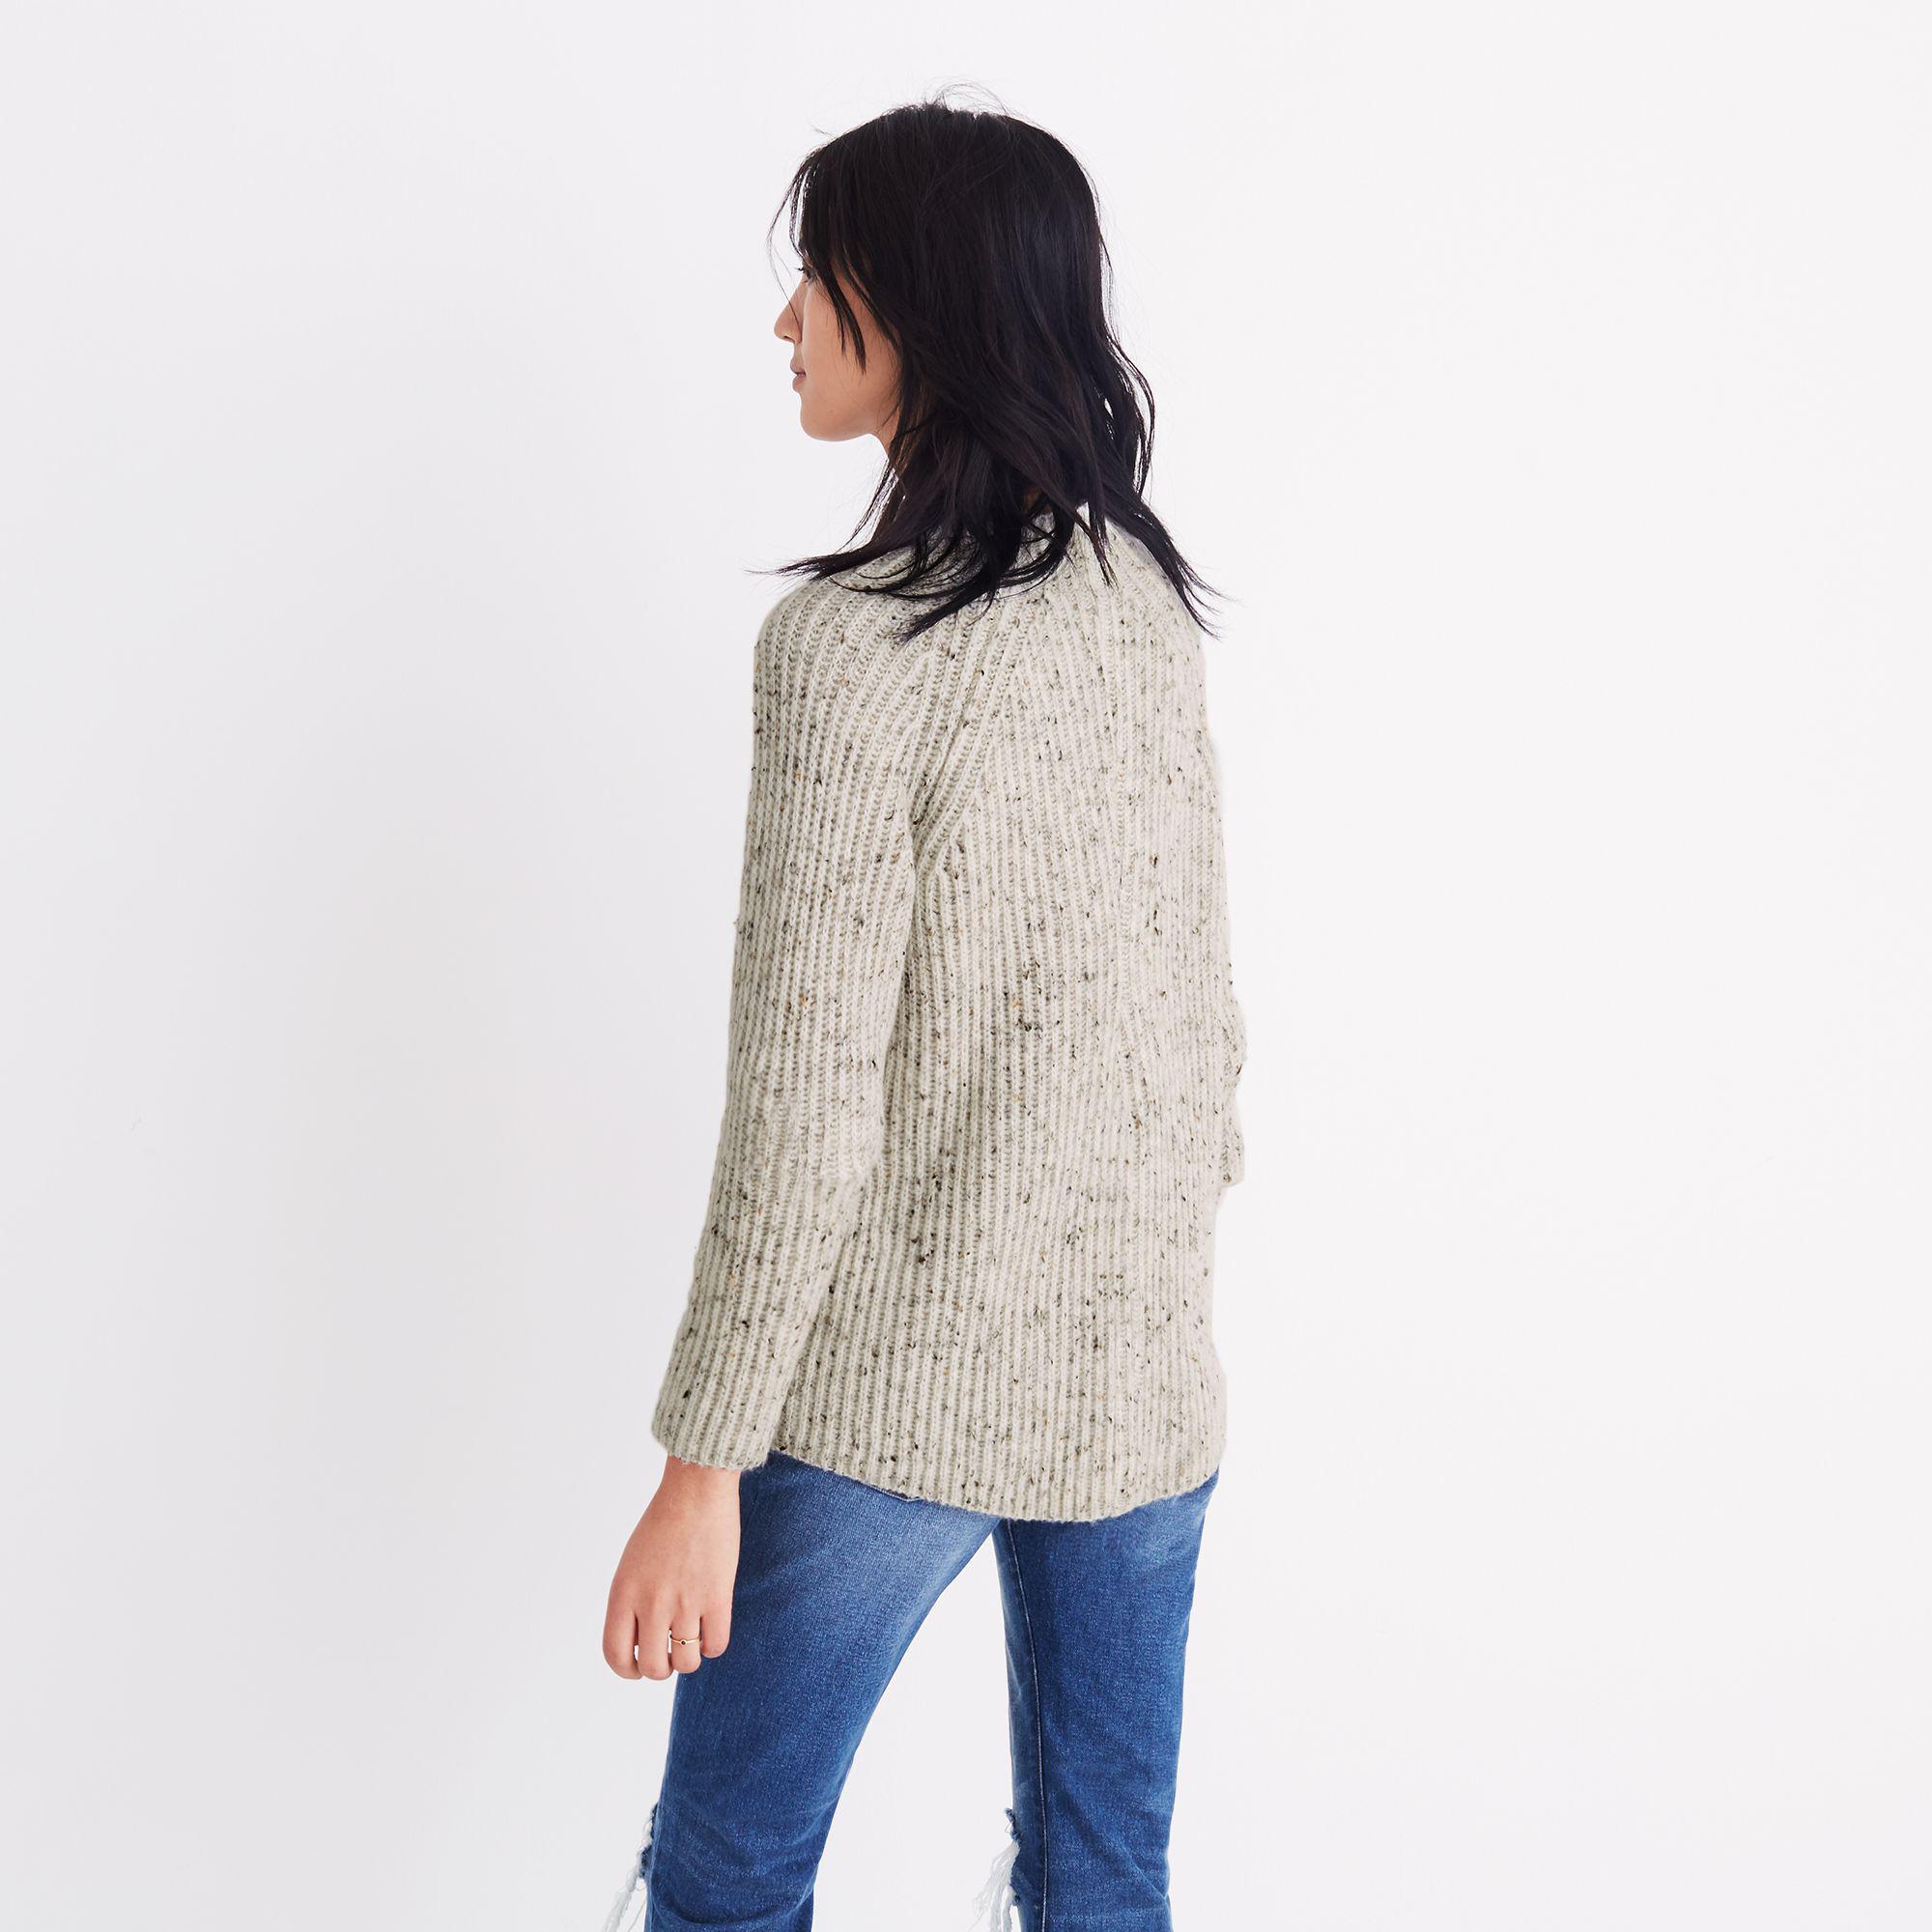 ffe41fbf4ba Madewell Donegal Northfield Mockneck Sweater - Lyst